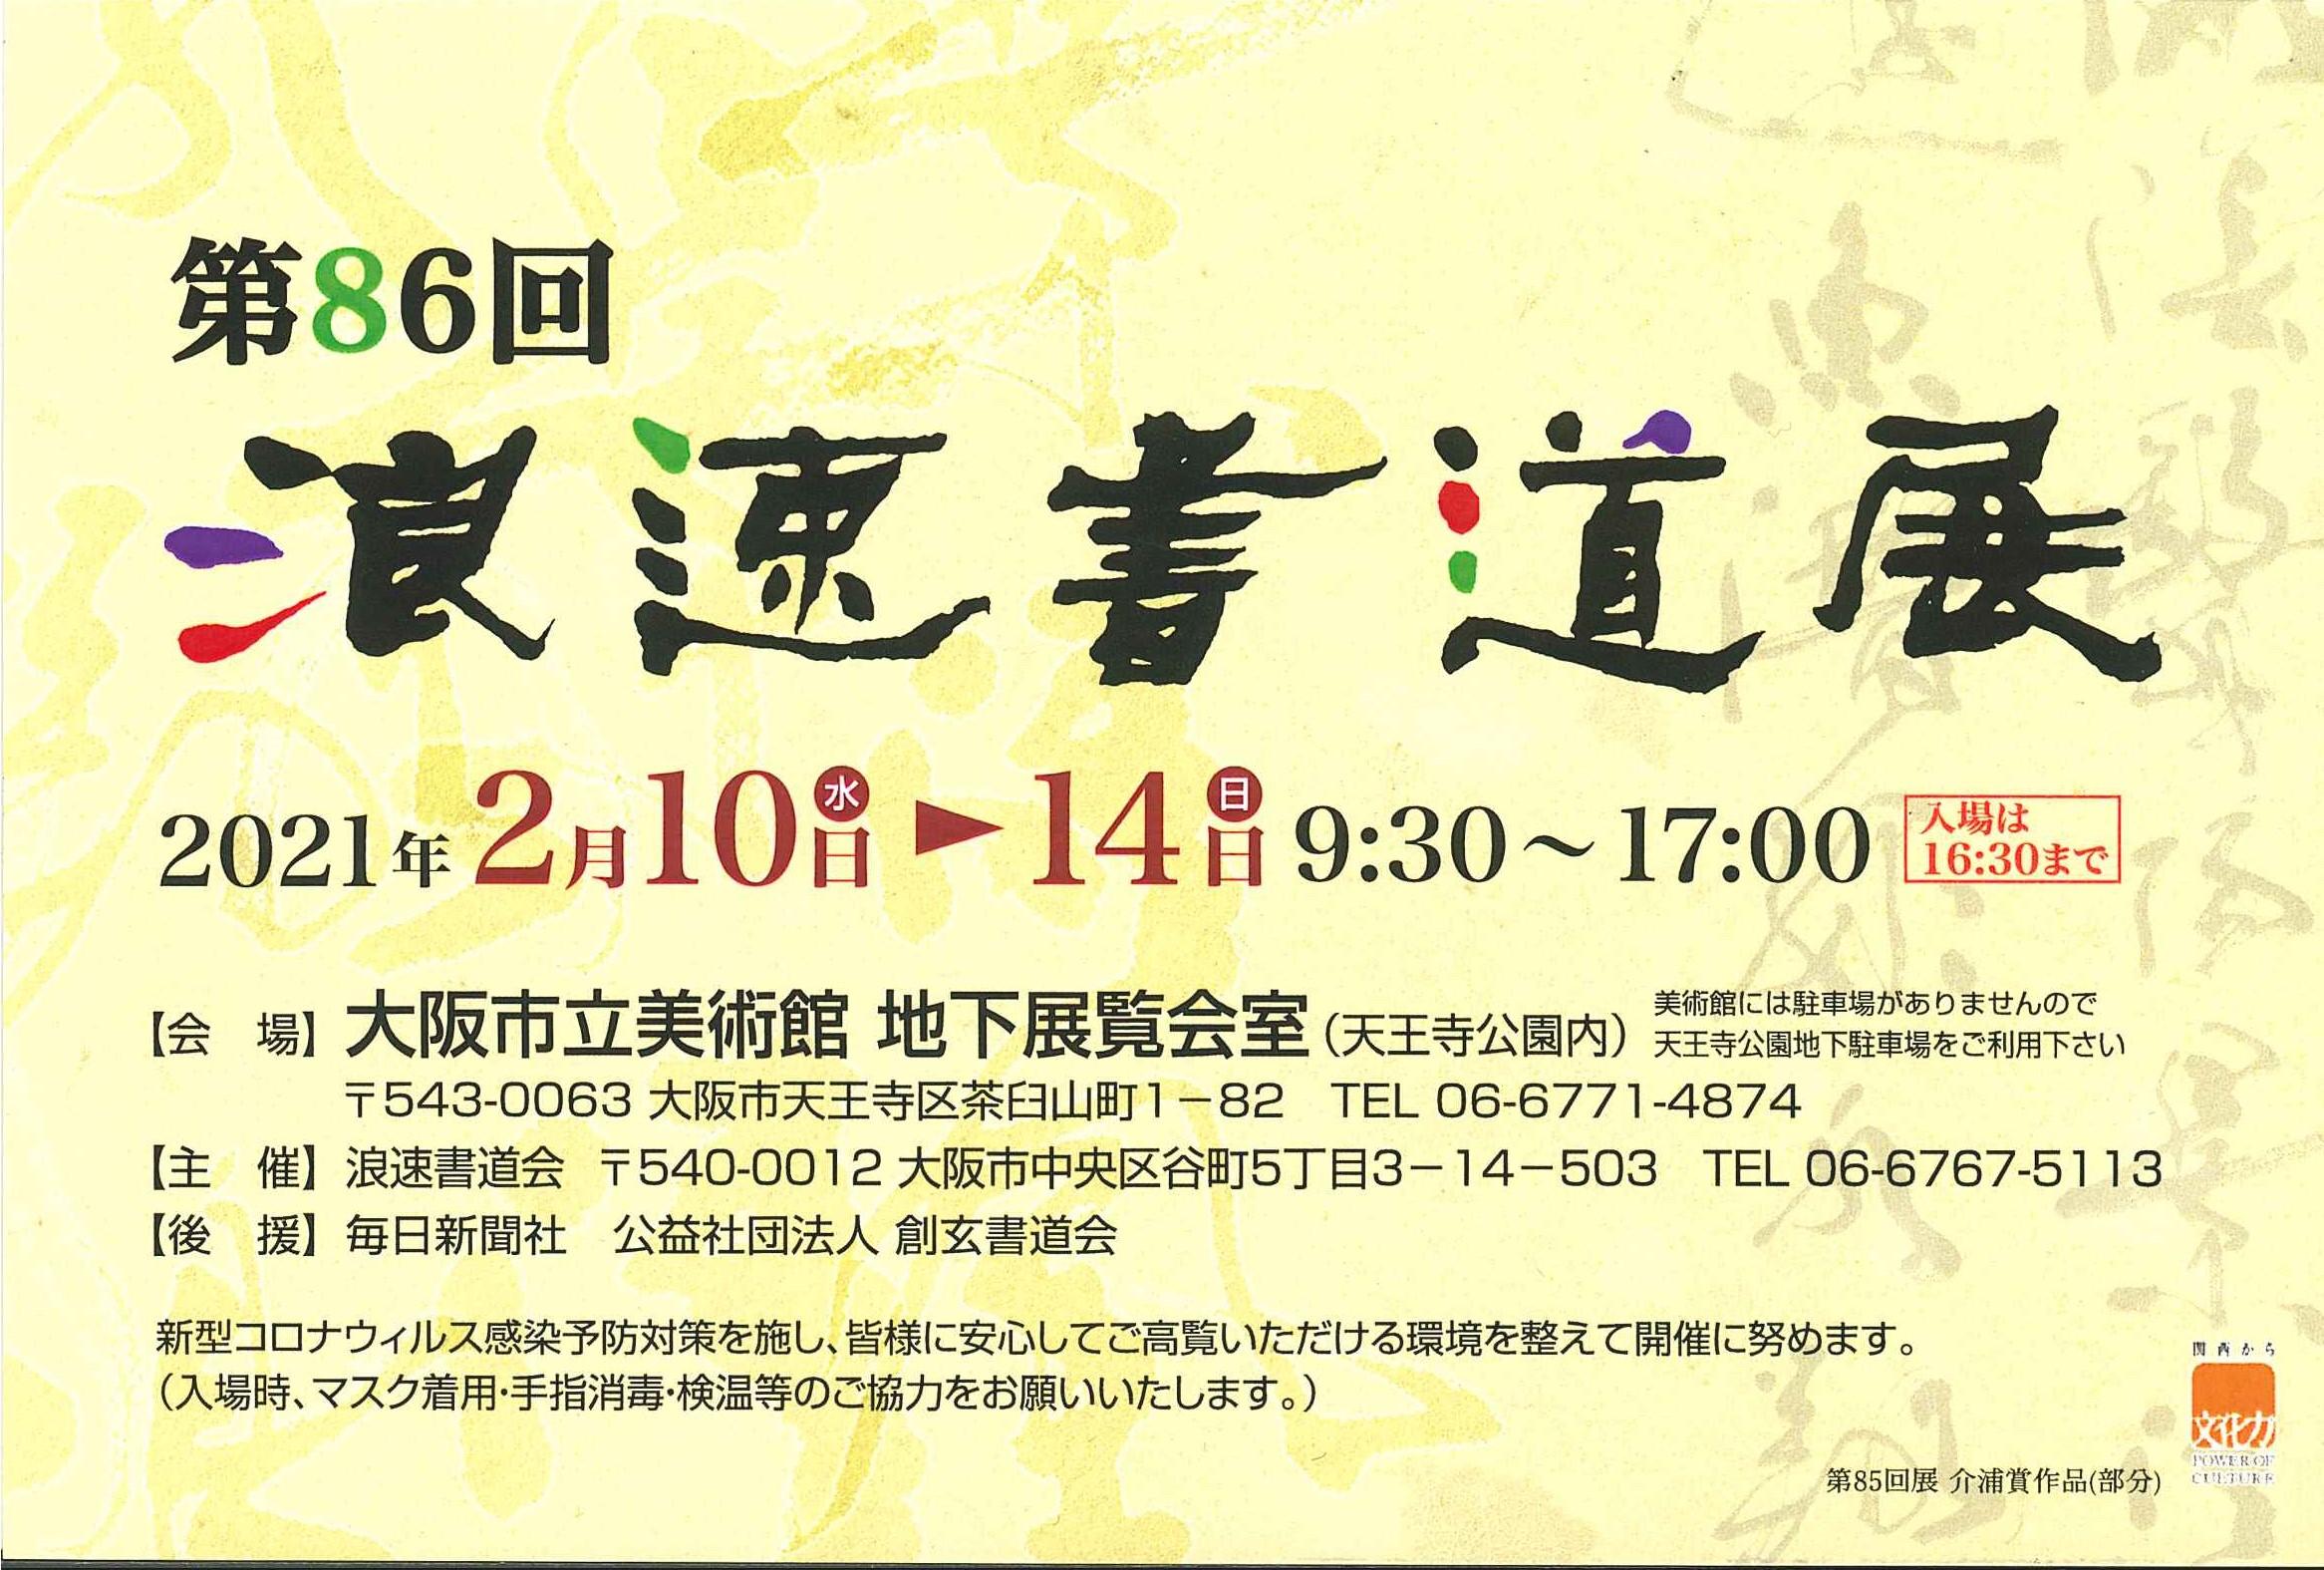 http://www.sogen.or.jp/letter/2021/01/10/20210110100541071_0001.jpg